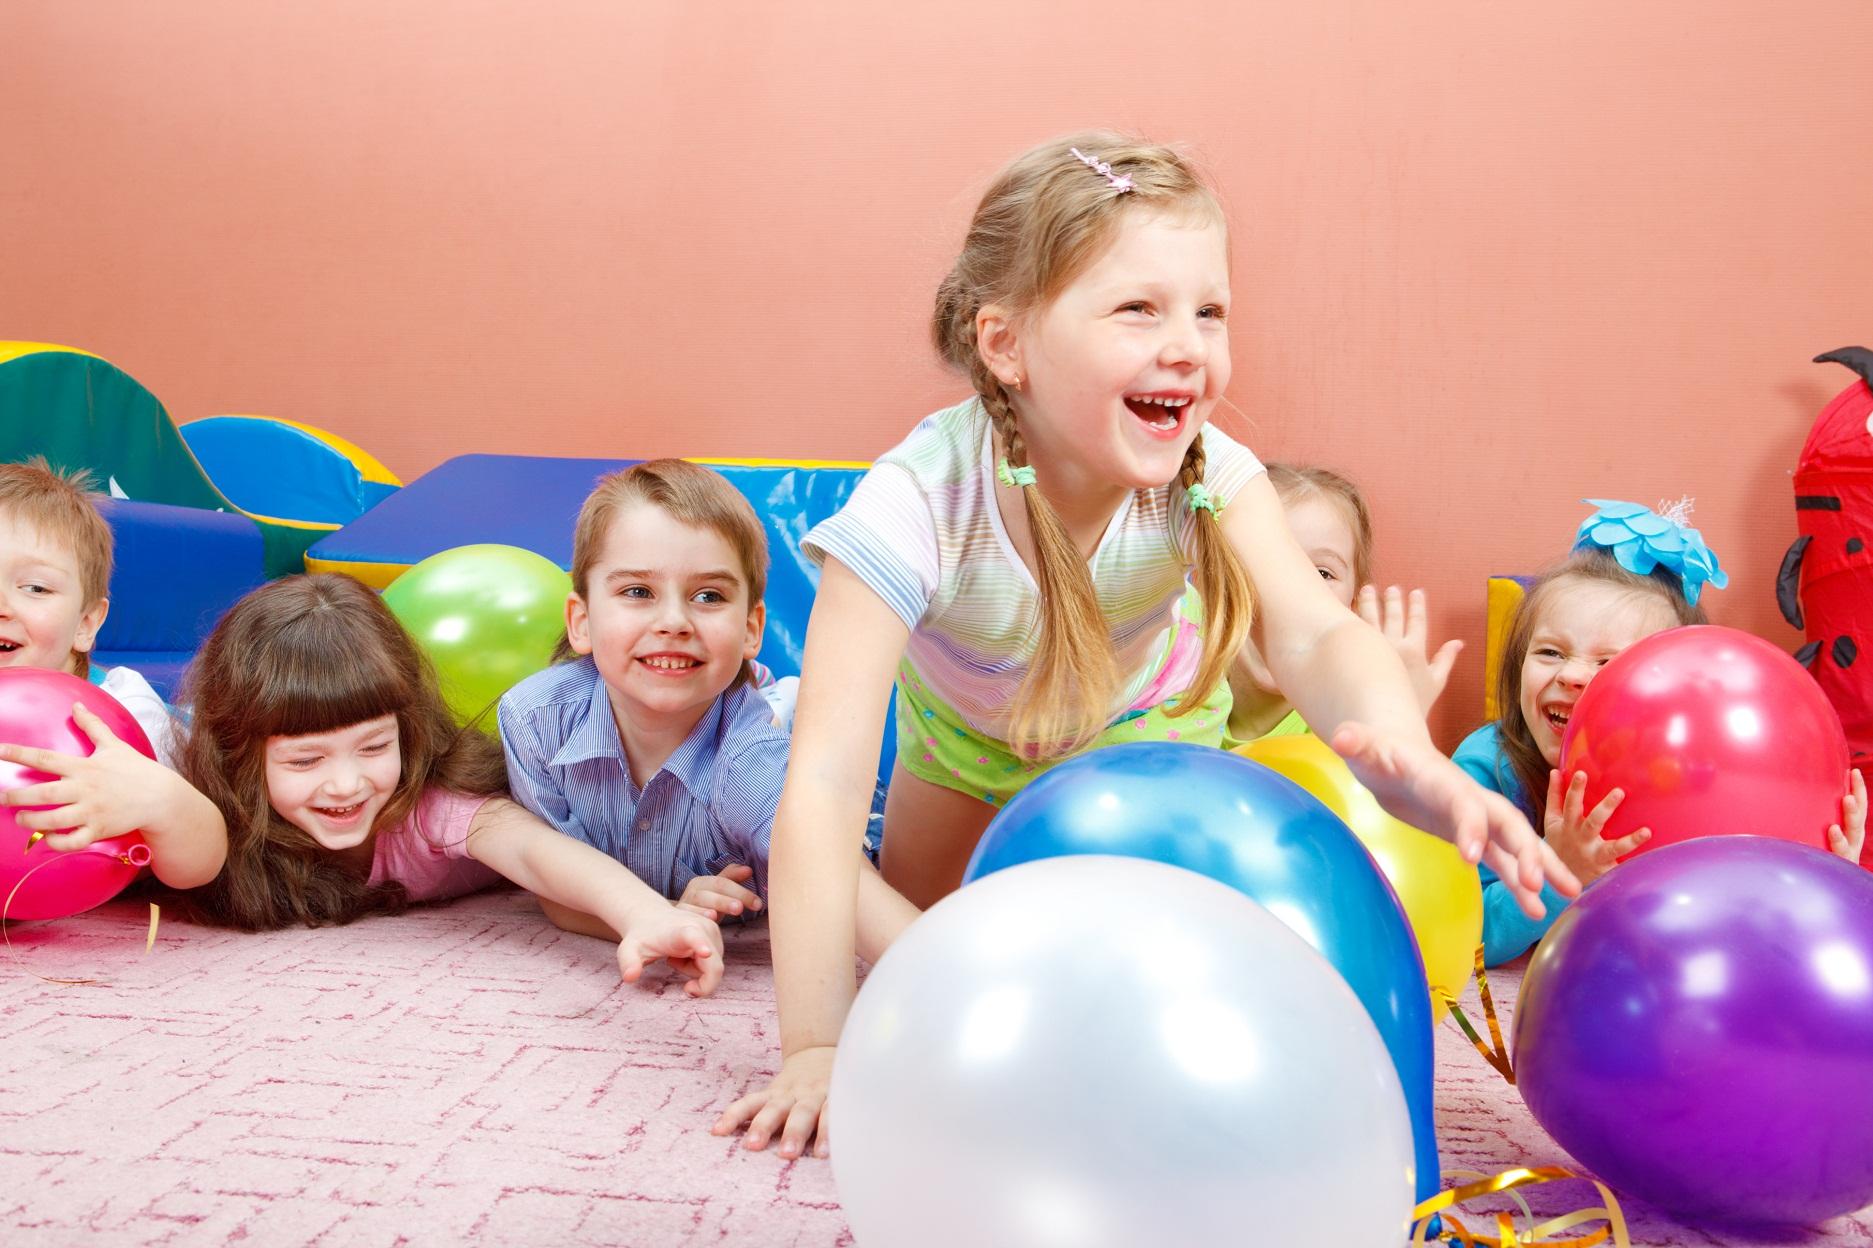 Правильная атмосфера! Учебное пространство студии само по себе стимулирует восприятие ребенка. Индивидуальный стиль и «домашняя» атмосфера — неотъемлемая часть нашего обучающего процесса.